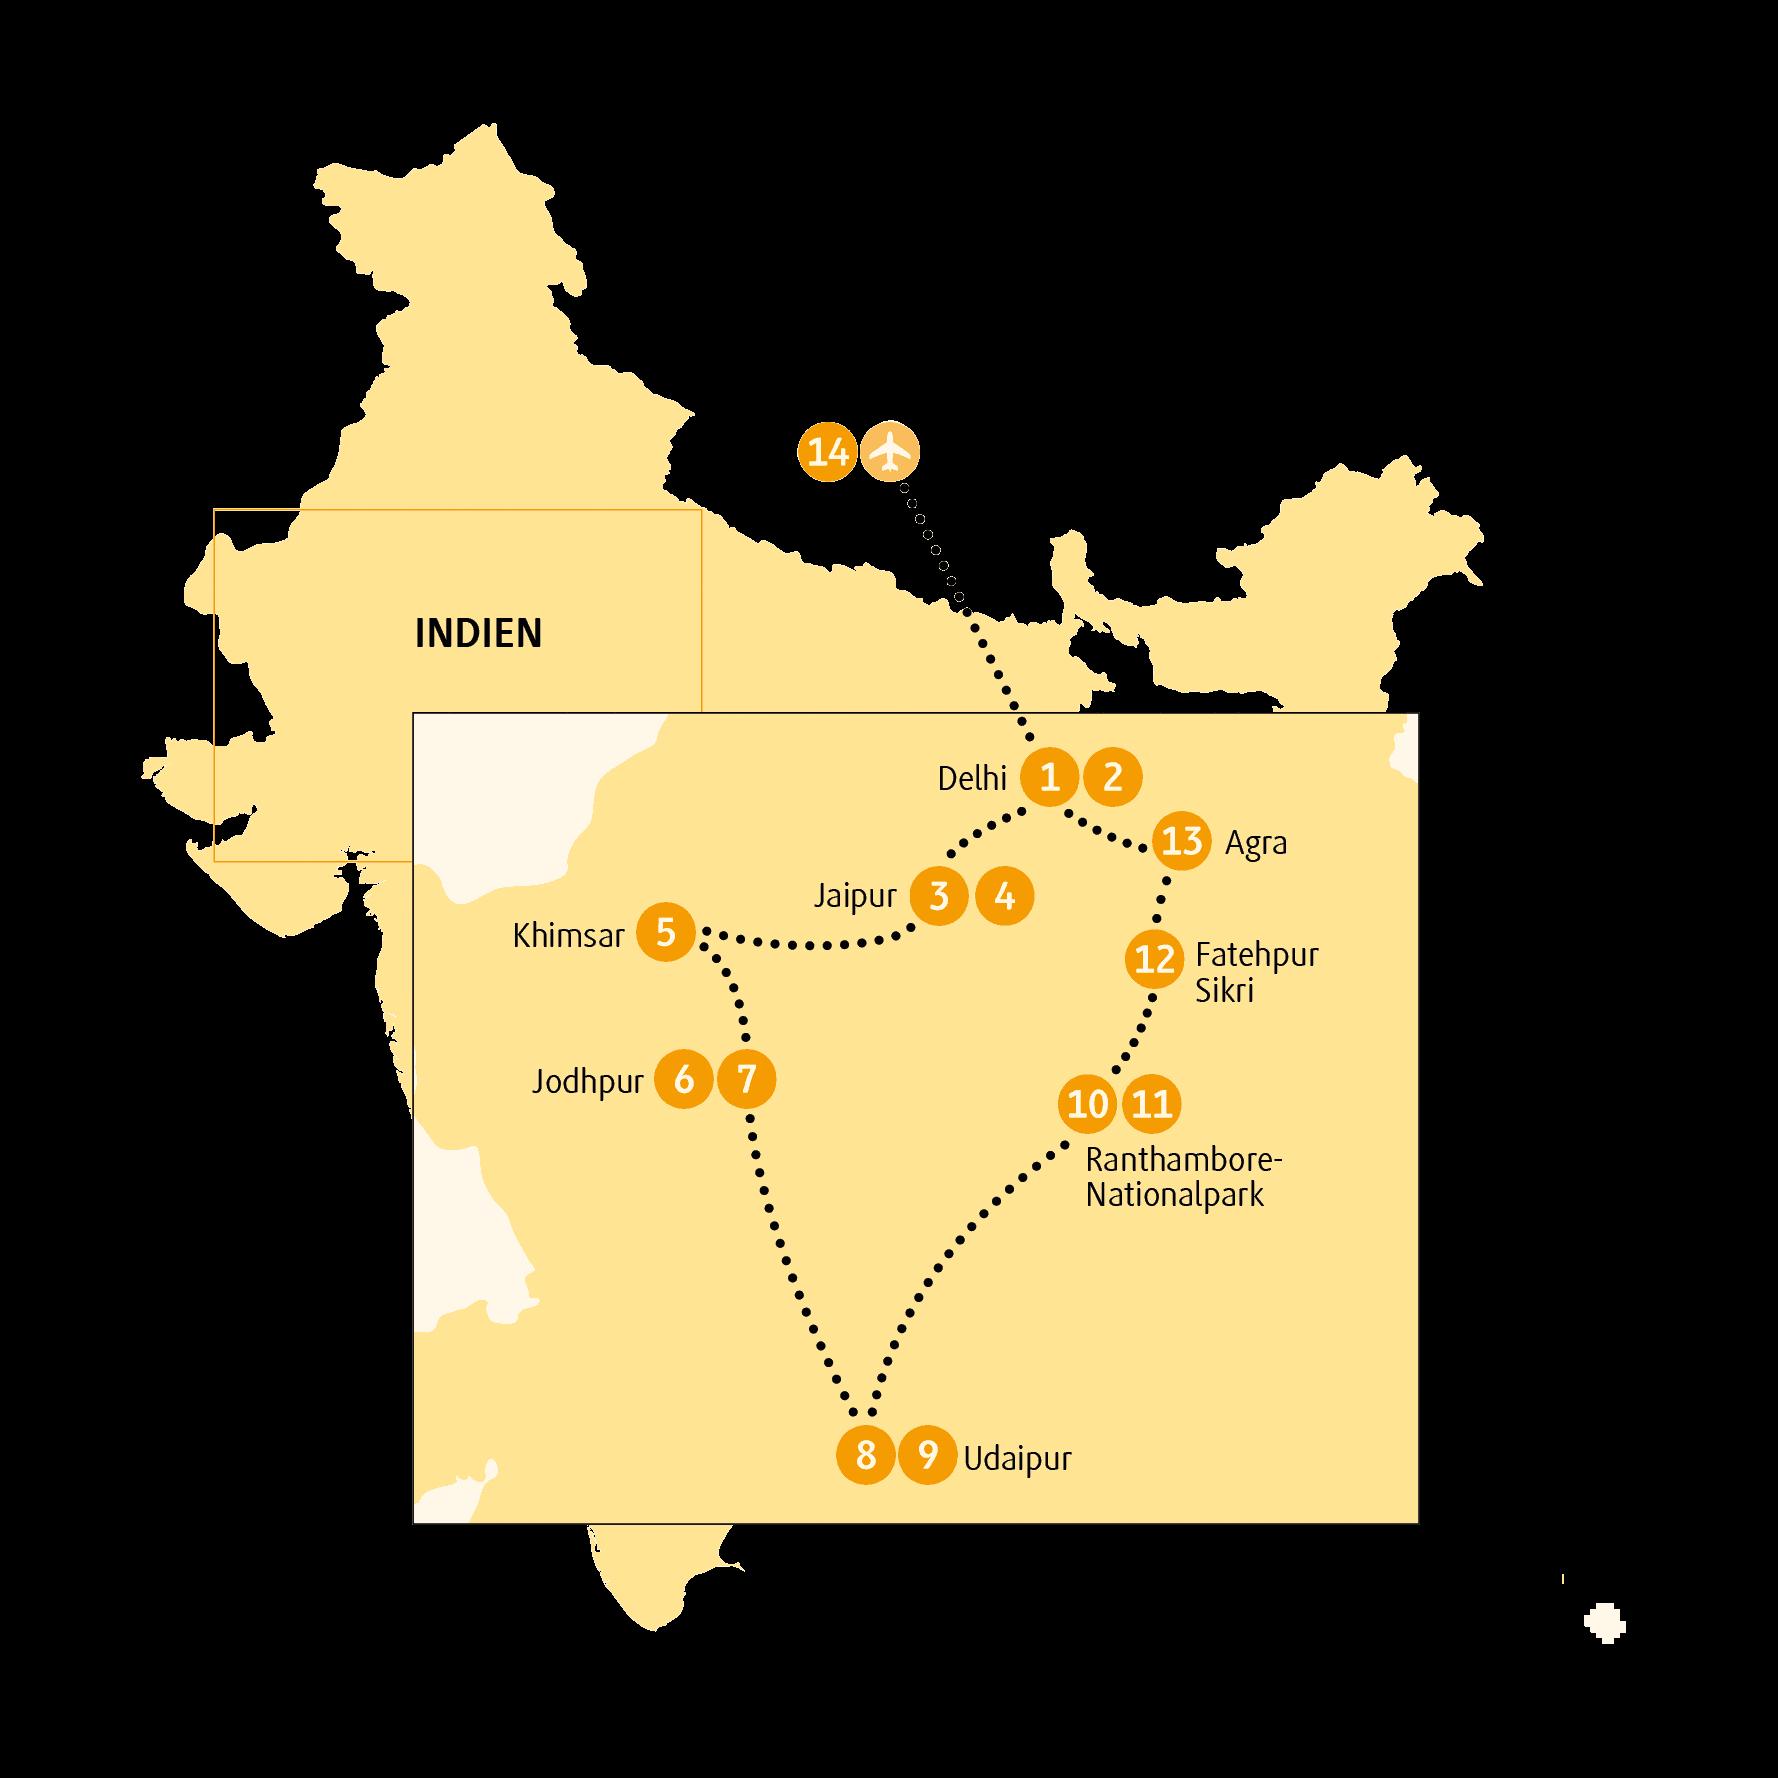 Chamaleon Wunderwelten Reise Rajasthan In Indien Erkunden Sie Rajasthan In 14 Tagen Kleine Gruppe Mit Deutschsprachiger Reiseleitun Rajasthan Indien Erkunden